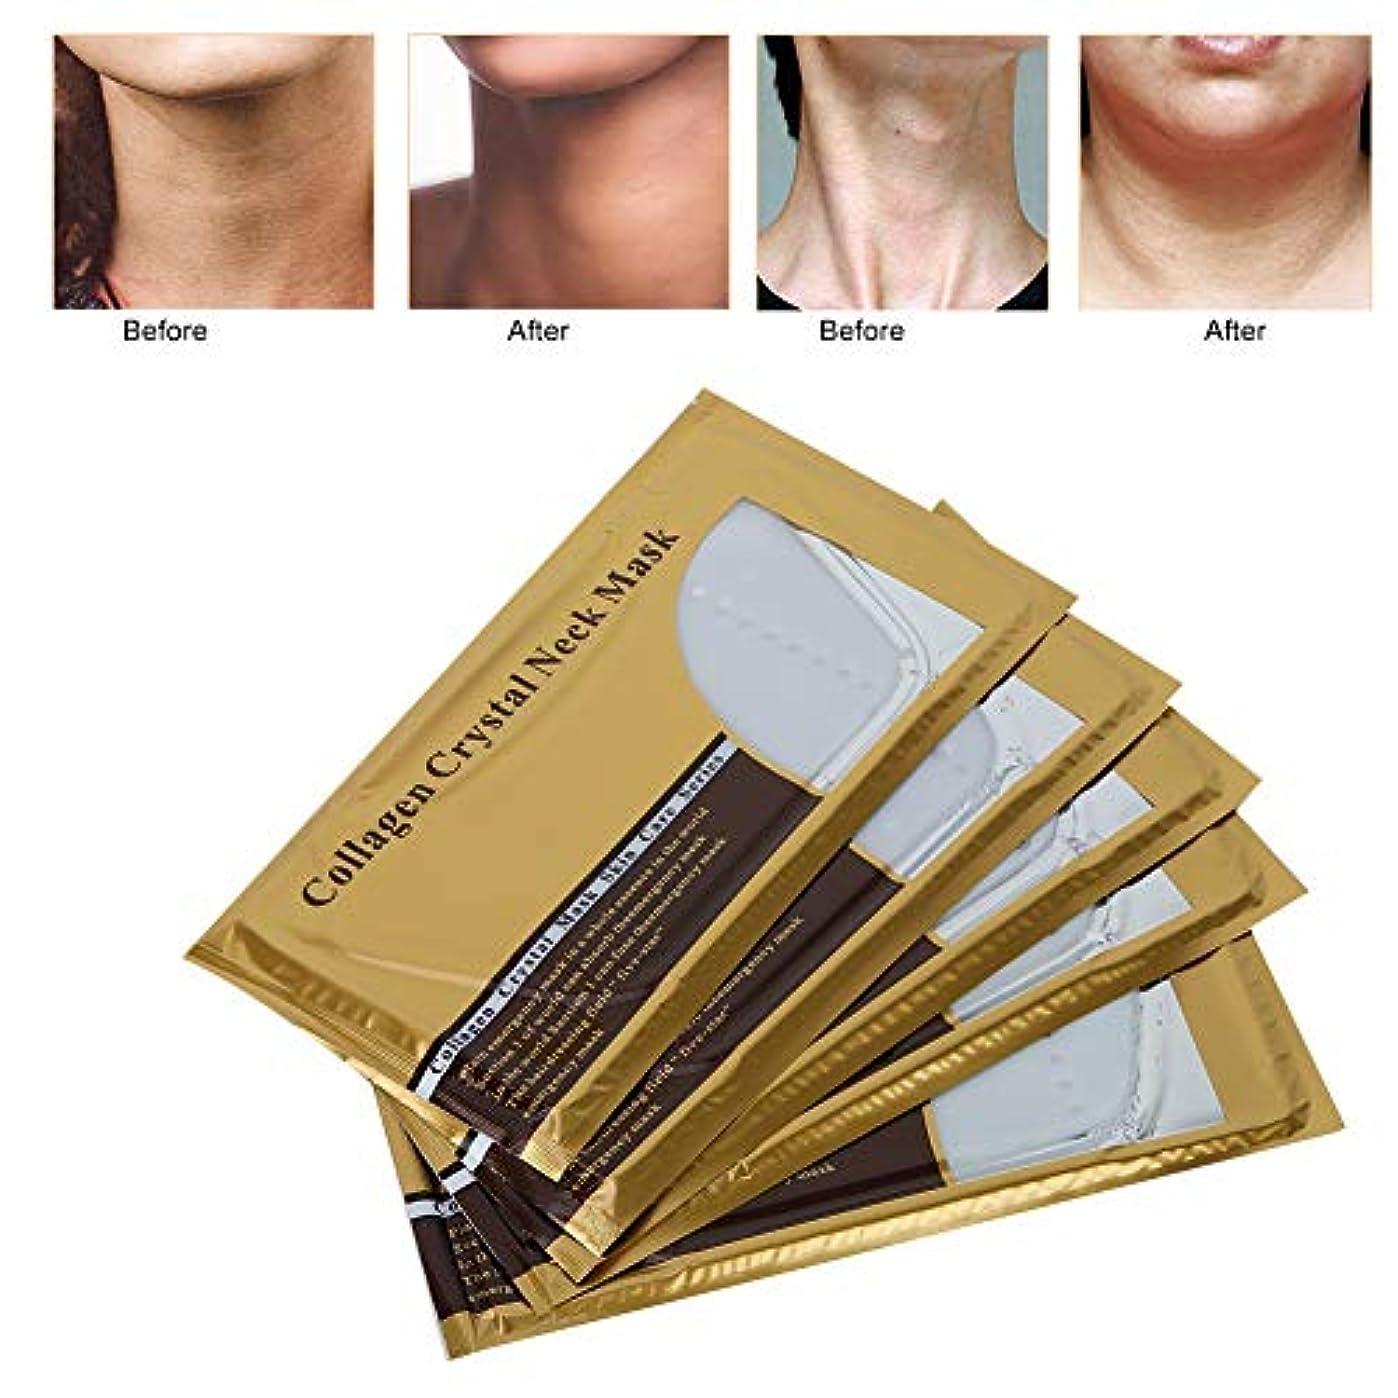 コントローラ拷問腫瘍ネックスキンリニューアルマスク、5ピースコラーゲン肌のリラクゼーションスキンケアマスク用あごリフティング剥離ホワイトニング引き締めより良い保湿水分補給